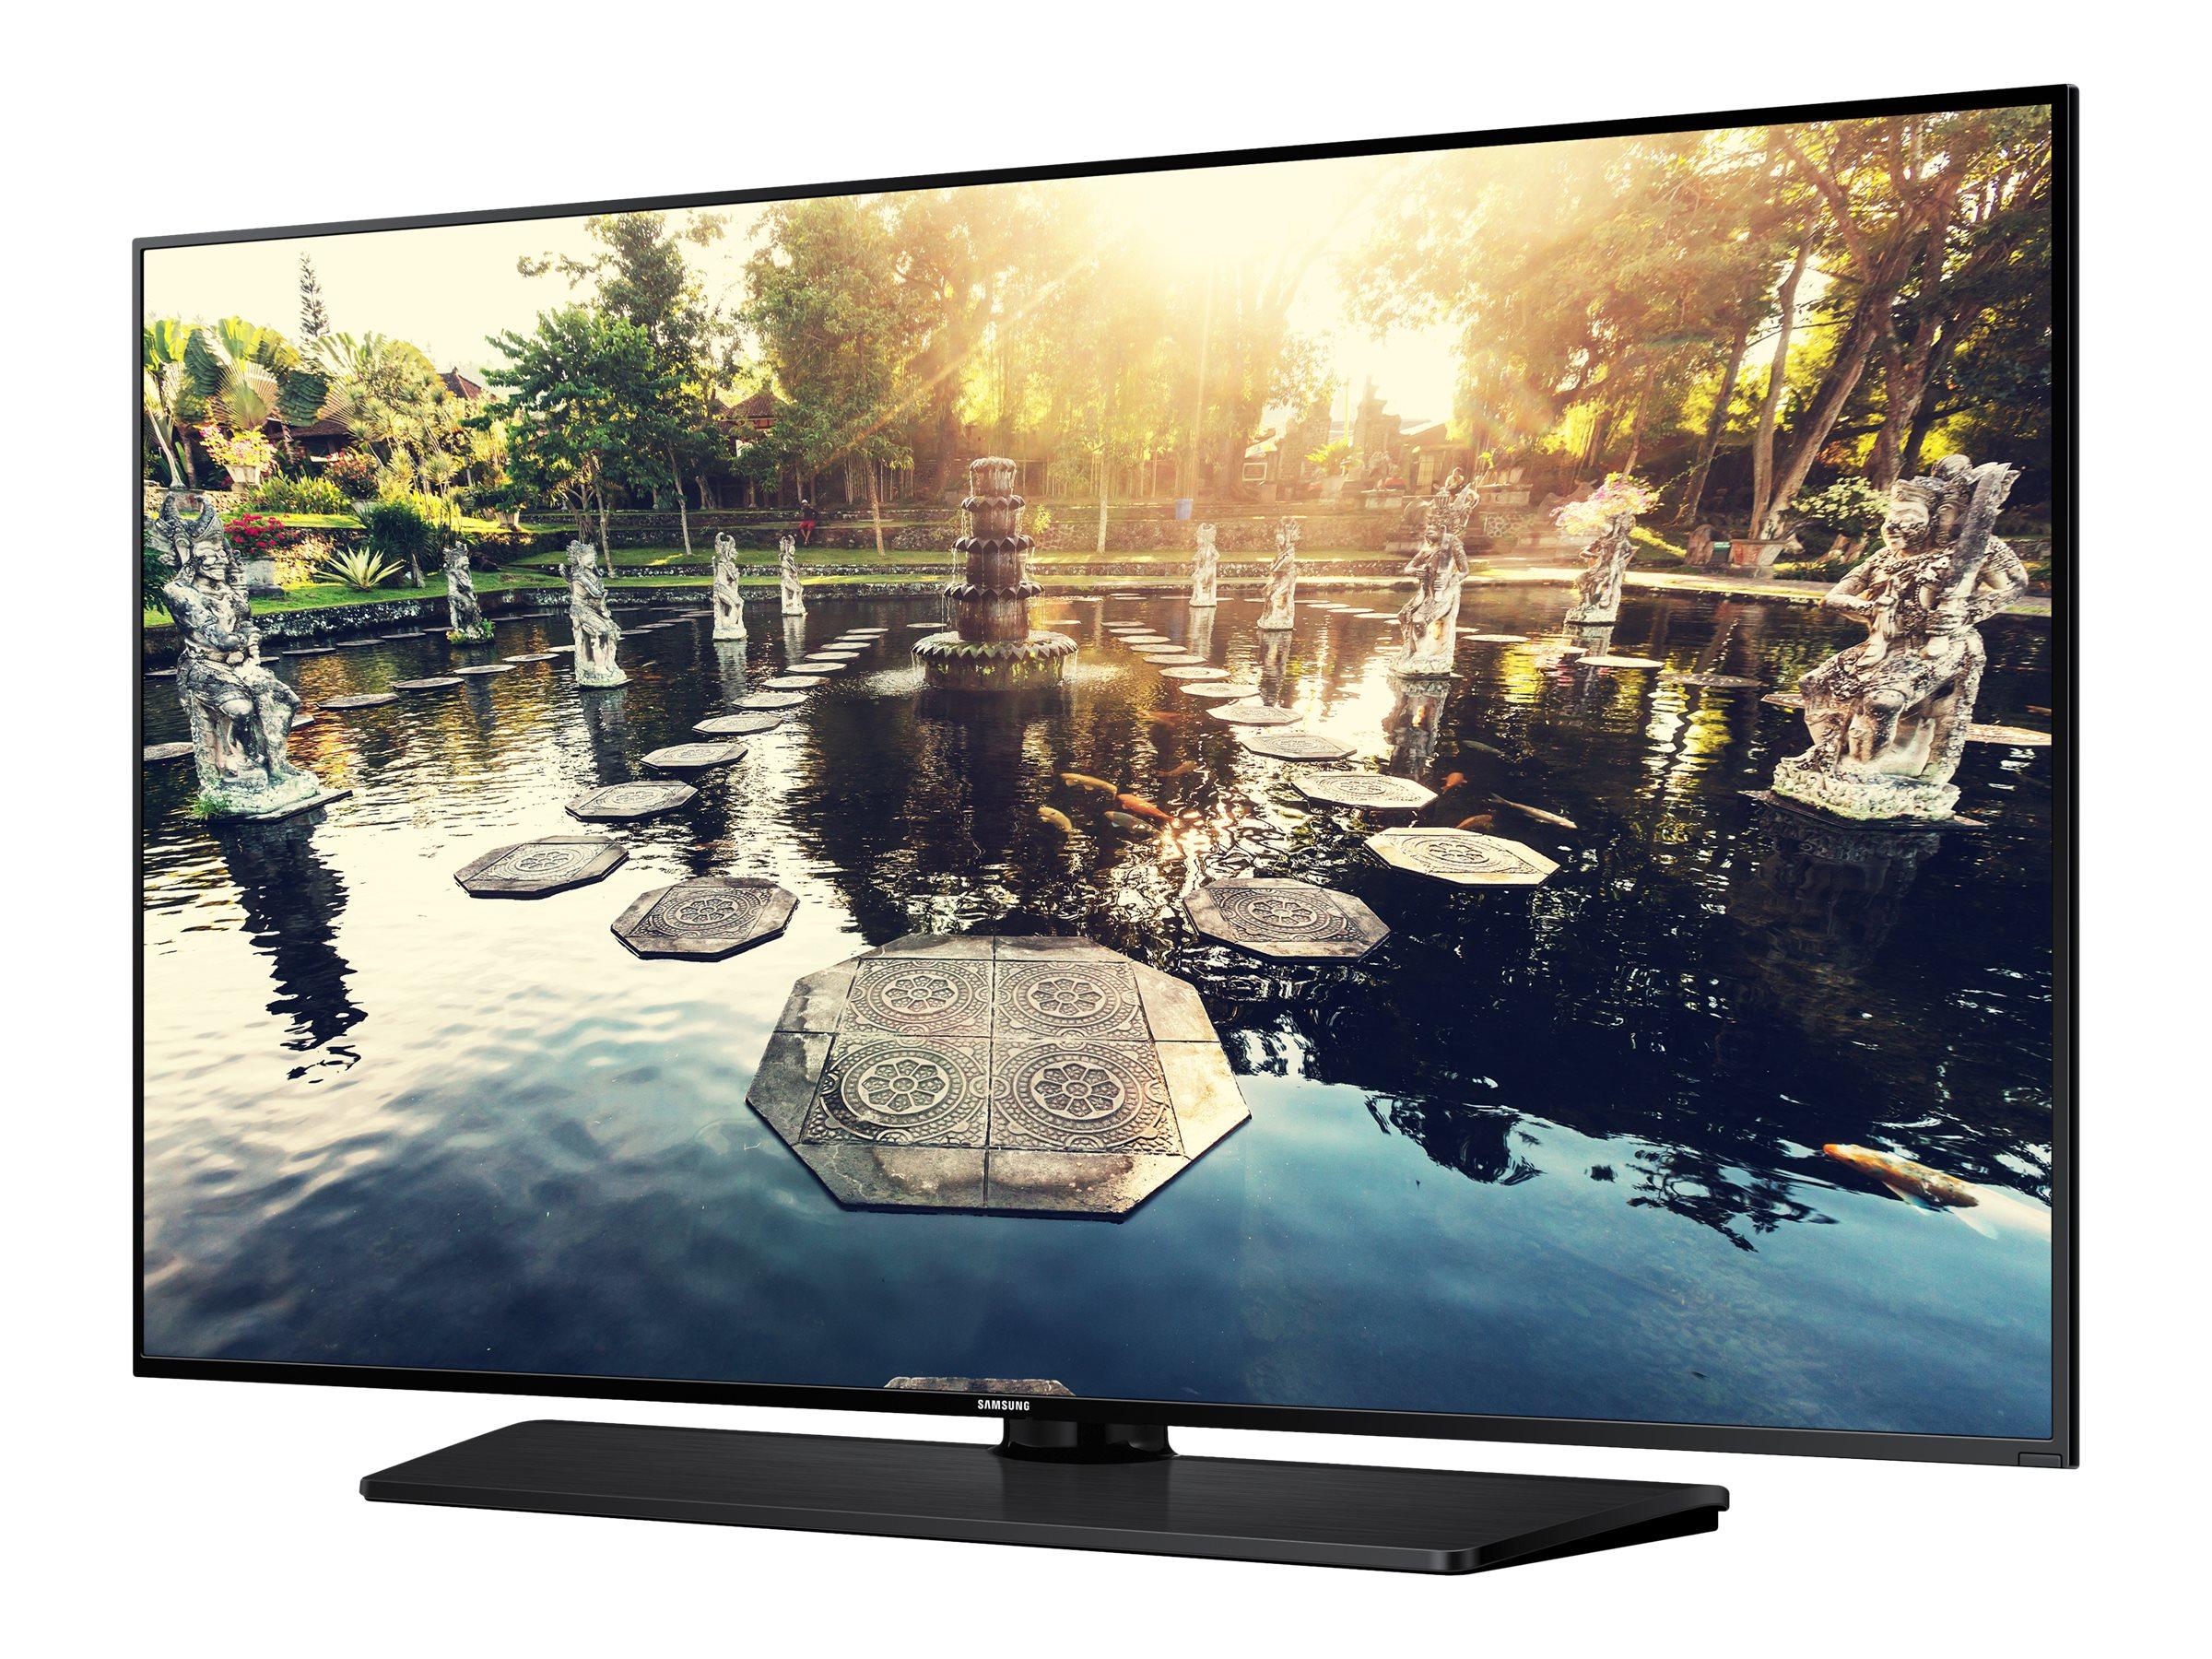 Samsung HG60NE690EFXZA Image 2